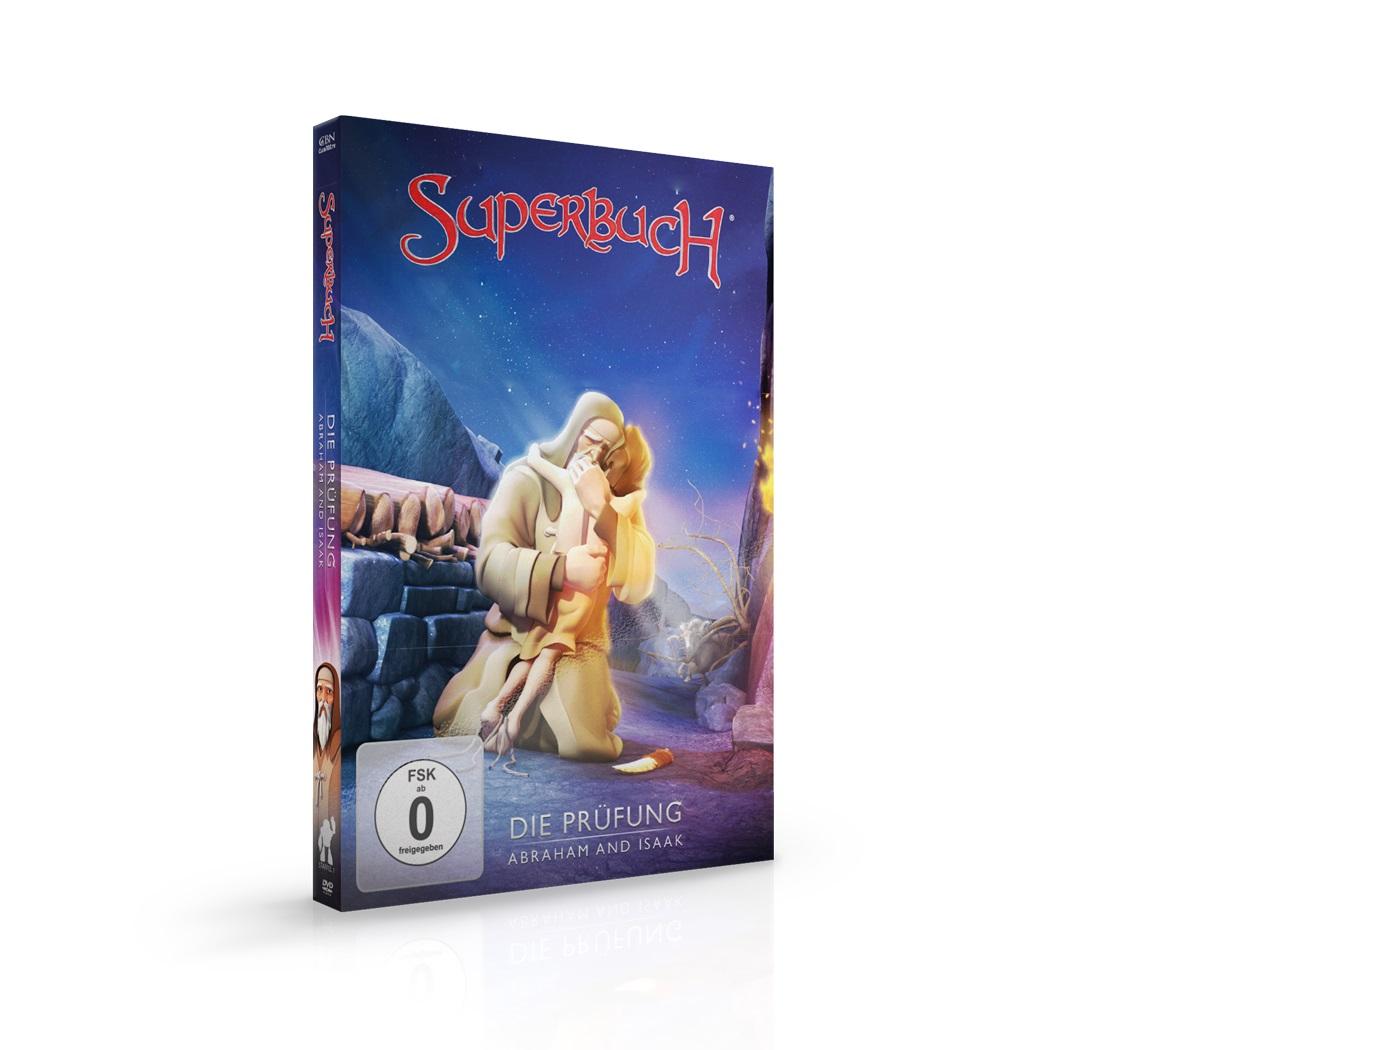 Superbuch – Die Prüfung